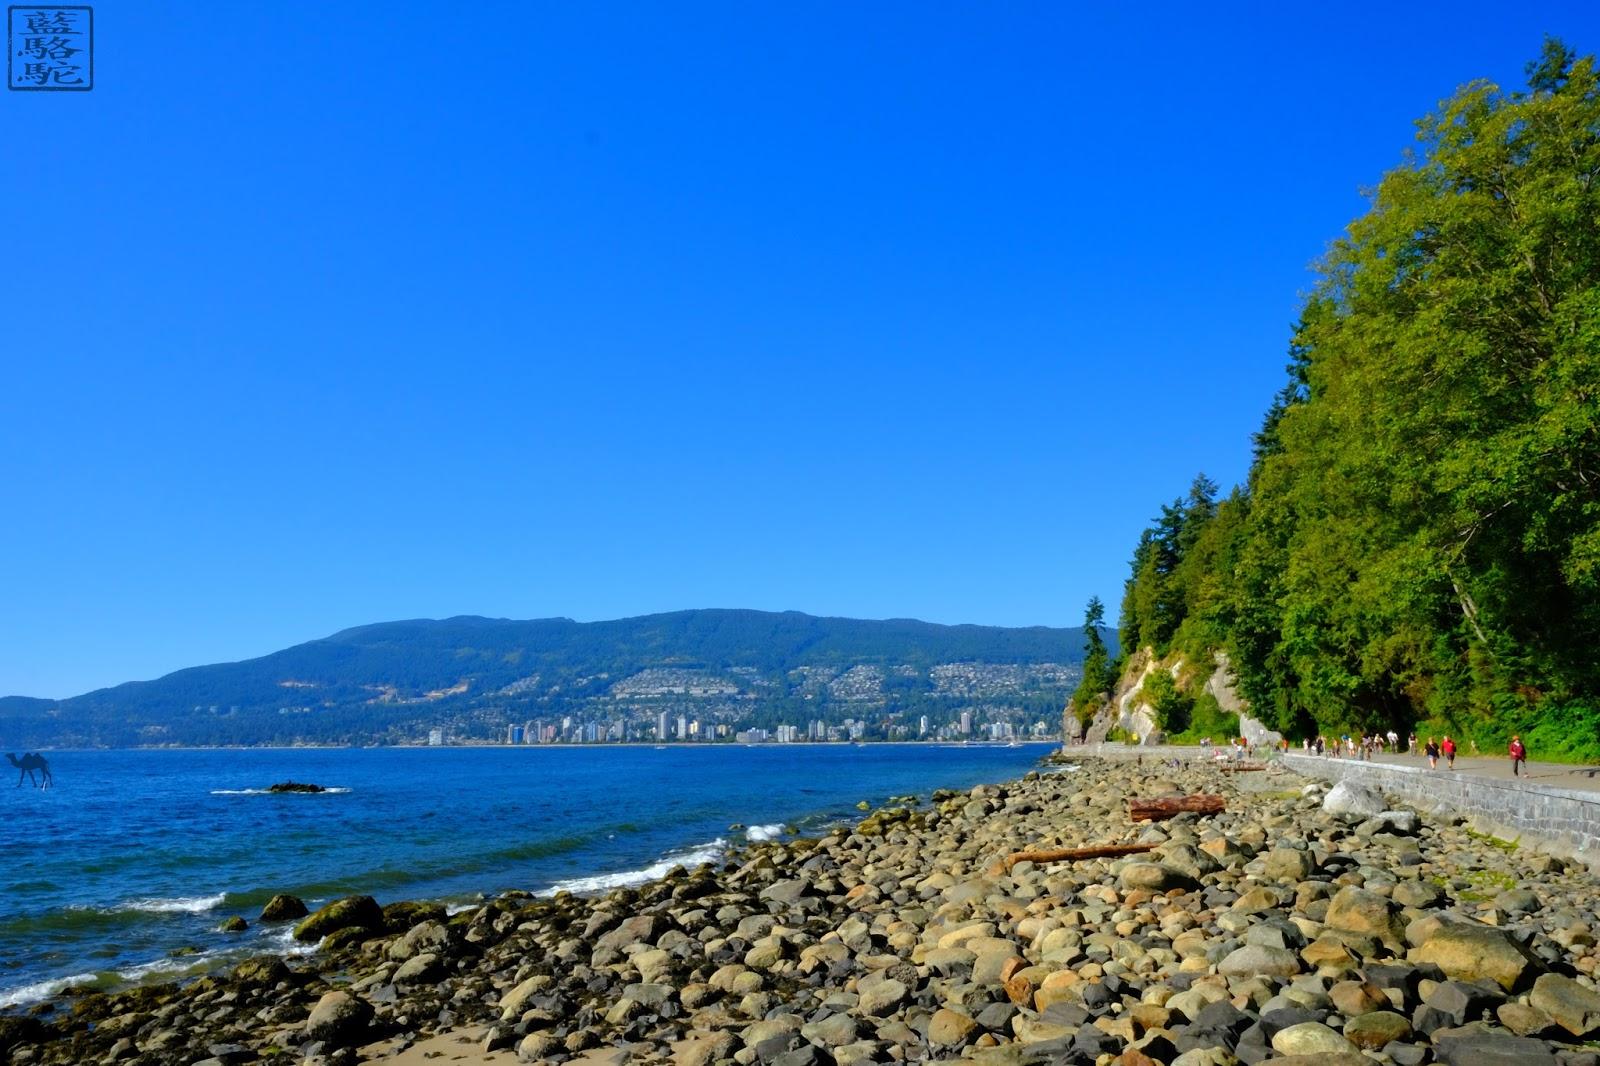 Le Chameau Bleu - Balade  de  Stanley Park - Vancouver